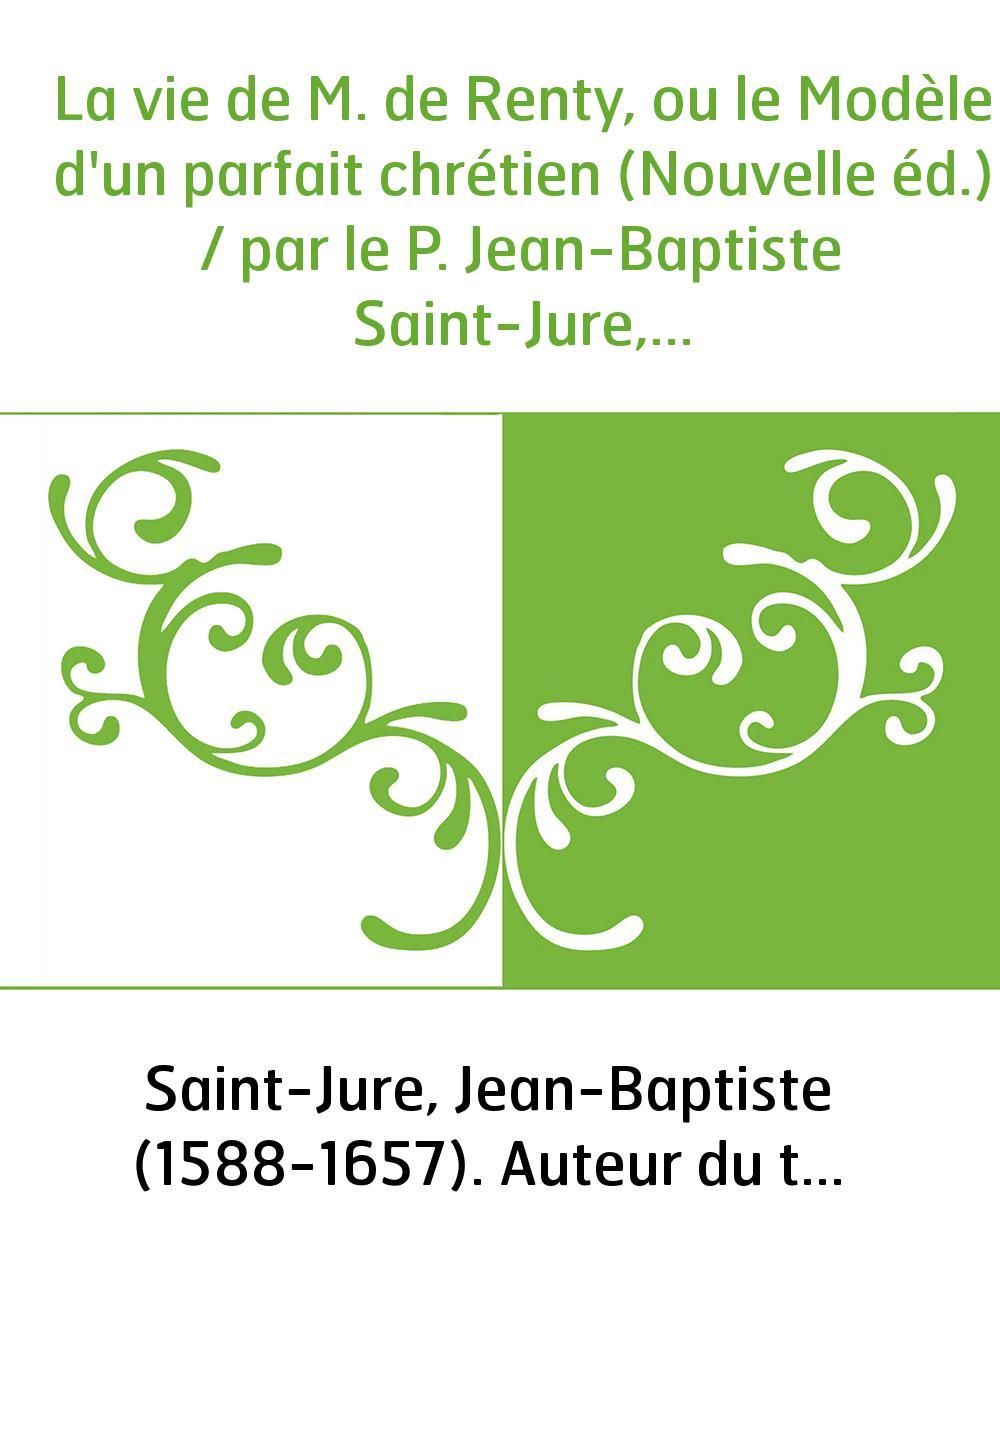 La vie de M. de Renty, ou le Modèle d'un parfait chrétien (Nouvelle éd.) / par le P. Jean-Baptiste Saint-Jure,...